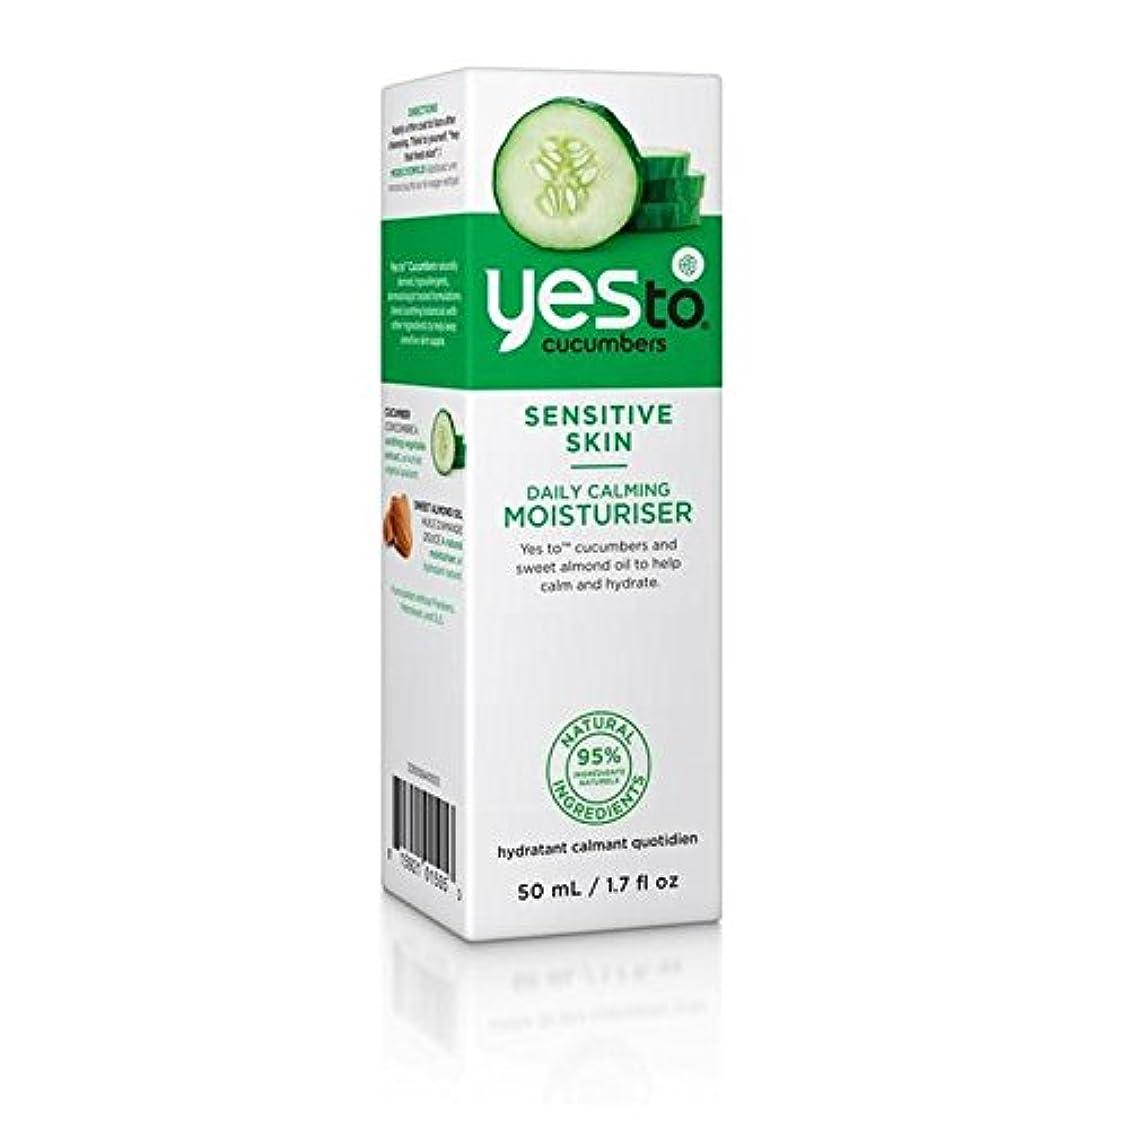 インセンティブ変位対象Yes to Cucumbers Moisturiser 50ml (Pack of 6) - はいキュウリ保湿50ミリリットルへ x6 [並行輸入品]